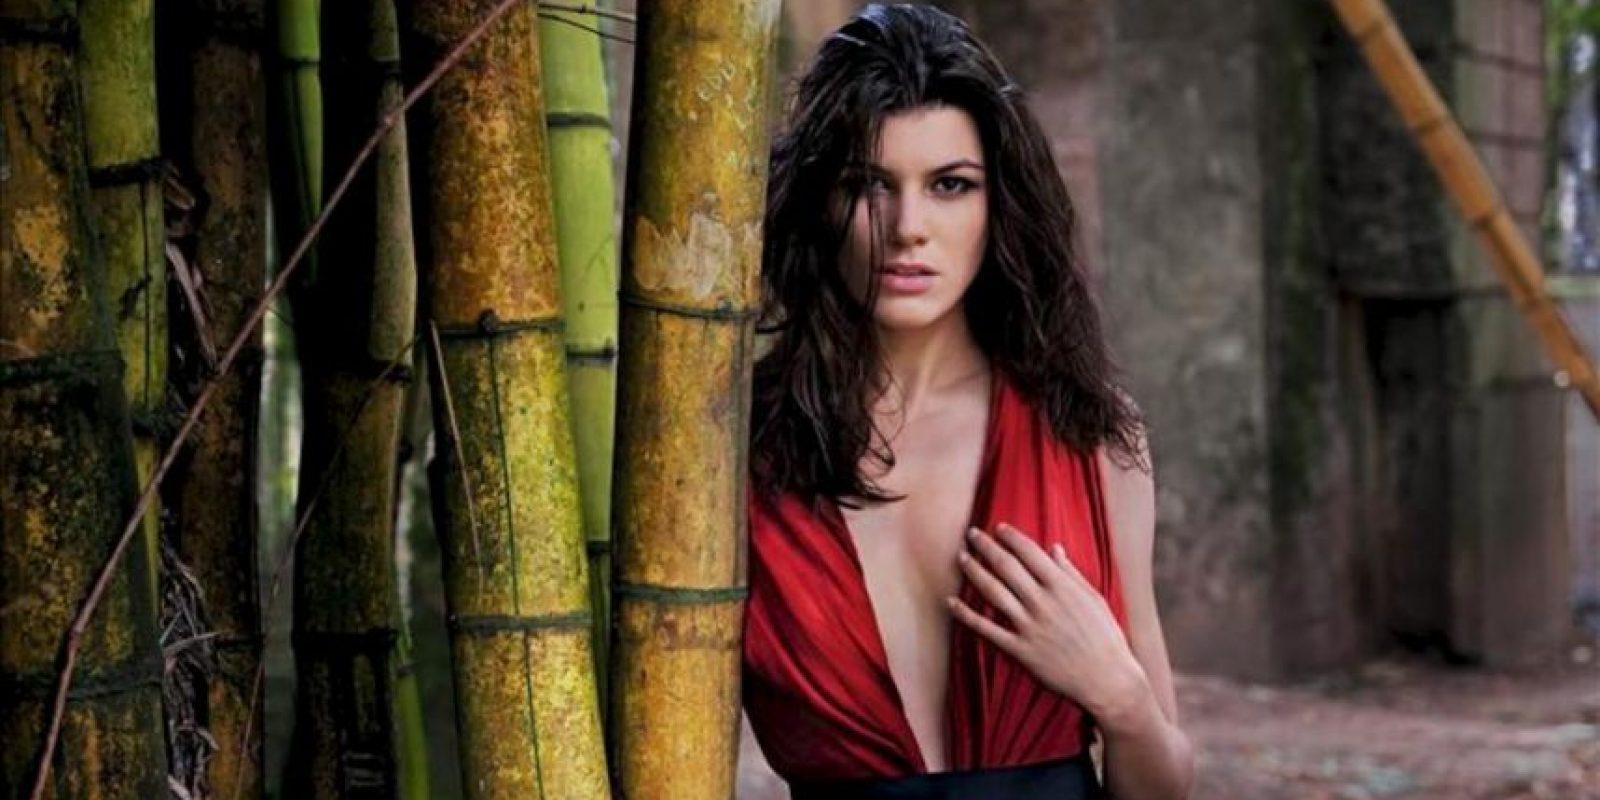 Fotografía cedida este 27 de noviembre, que muestra a la modelo estadounidense Summer Rayne Oakes en una de las fotografías del calendario Pirelli 2013, que fue presentado en Río de Janeiro. EFE